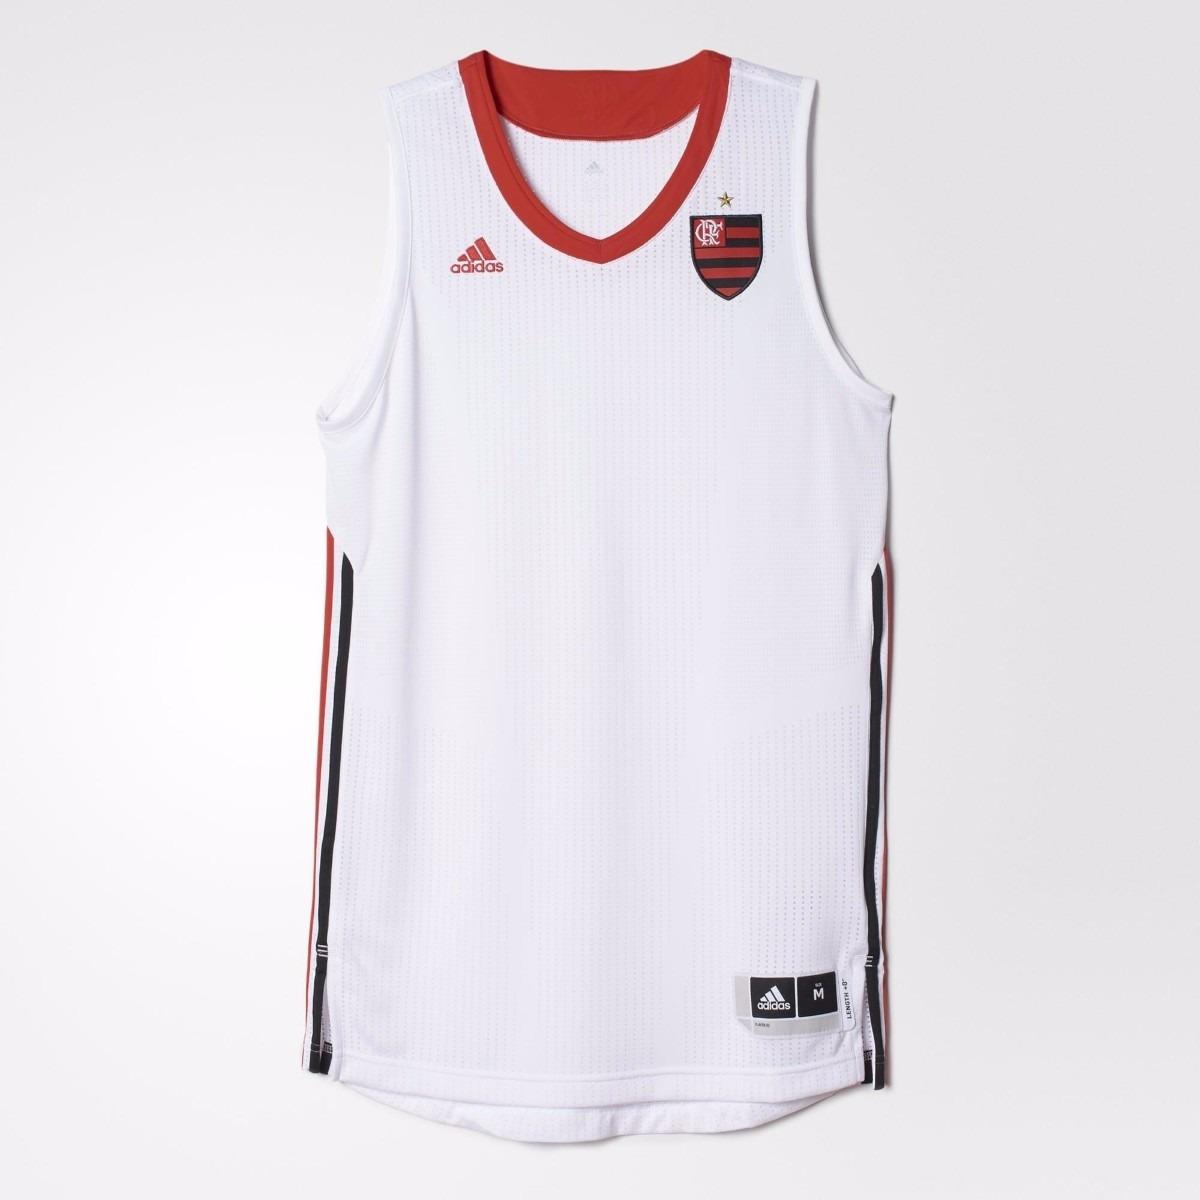 2d4452a830 Camiseta Regata Flamengo Basquete adidas Promoção Ai4776 - R  67